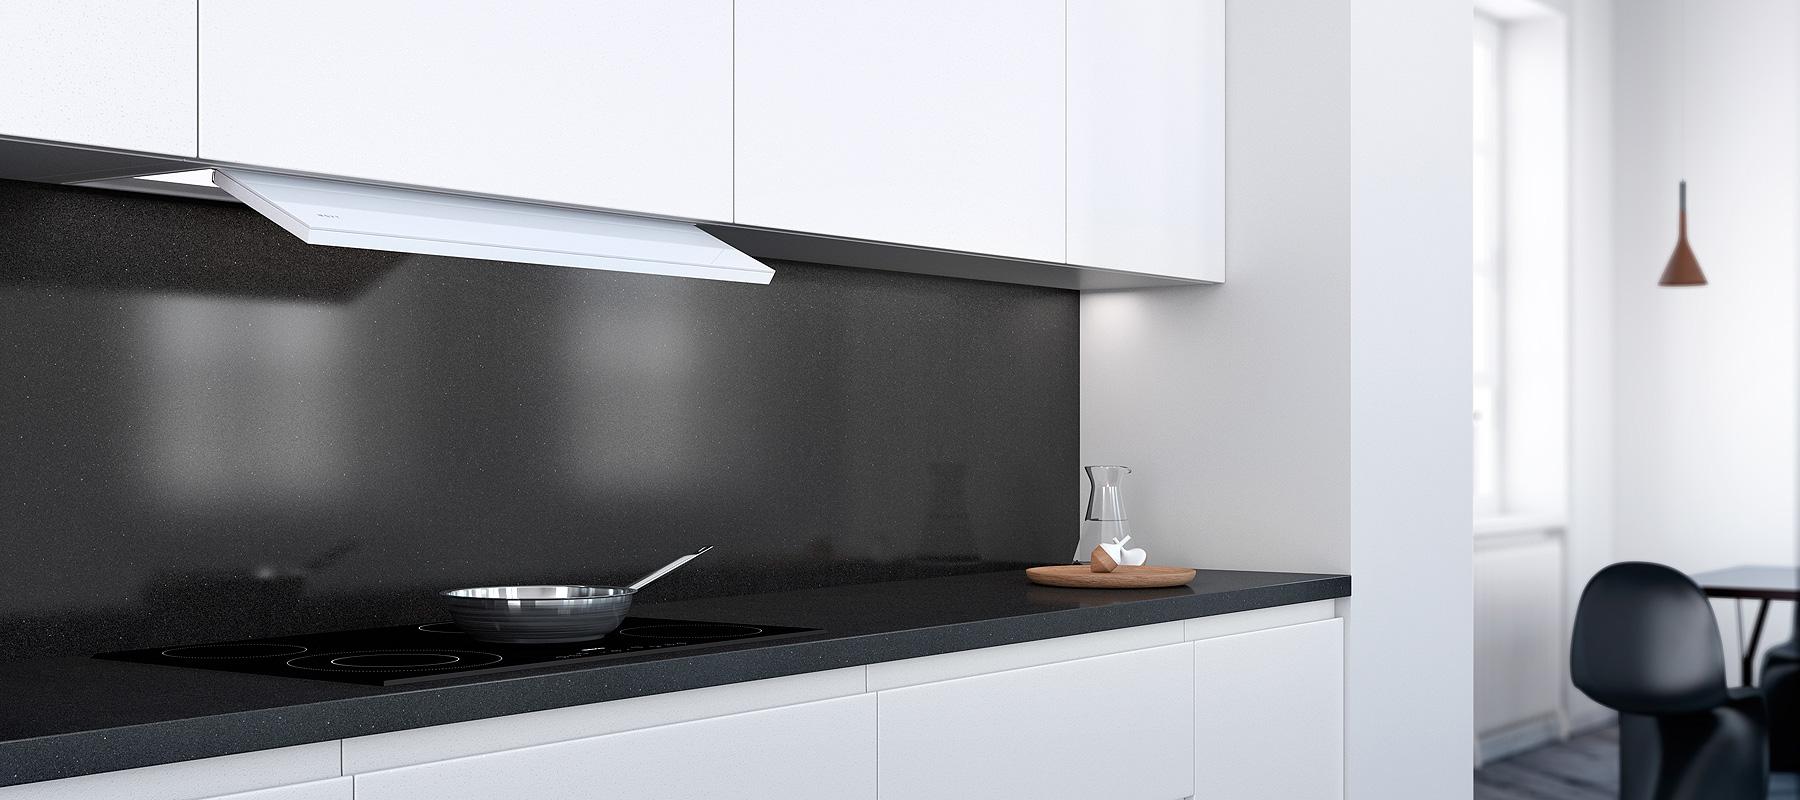 schrank und flachschirmhauben k chentechnik plus dunstabzugshauben beratung und verkauf. Black Bedroom Furniture Sets. Home Design Ideas